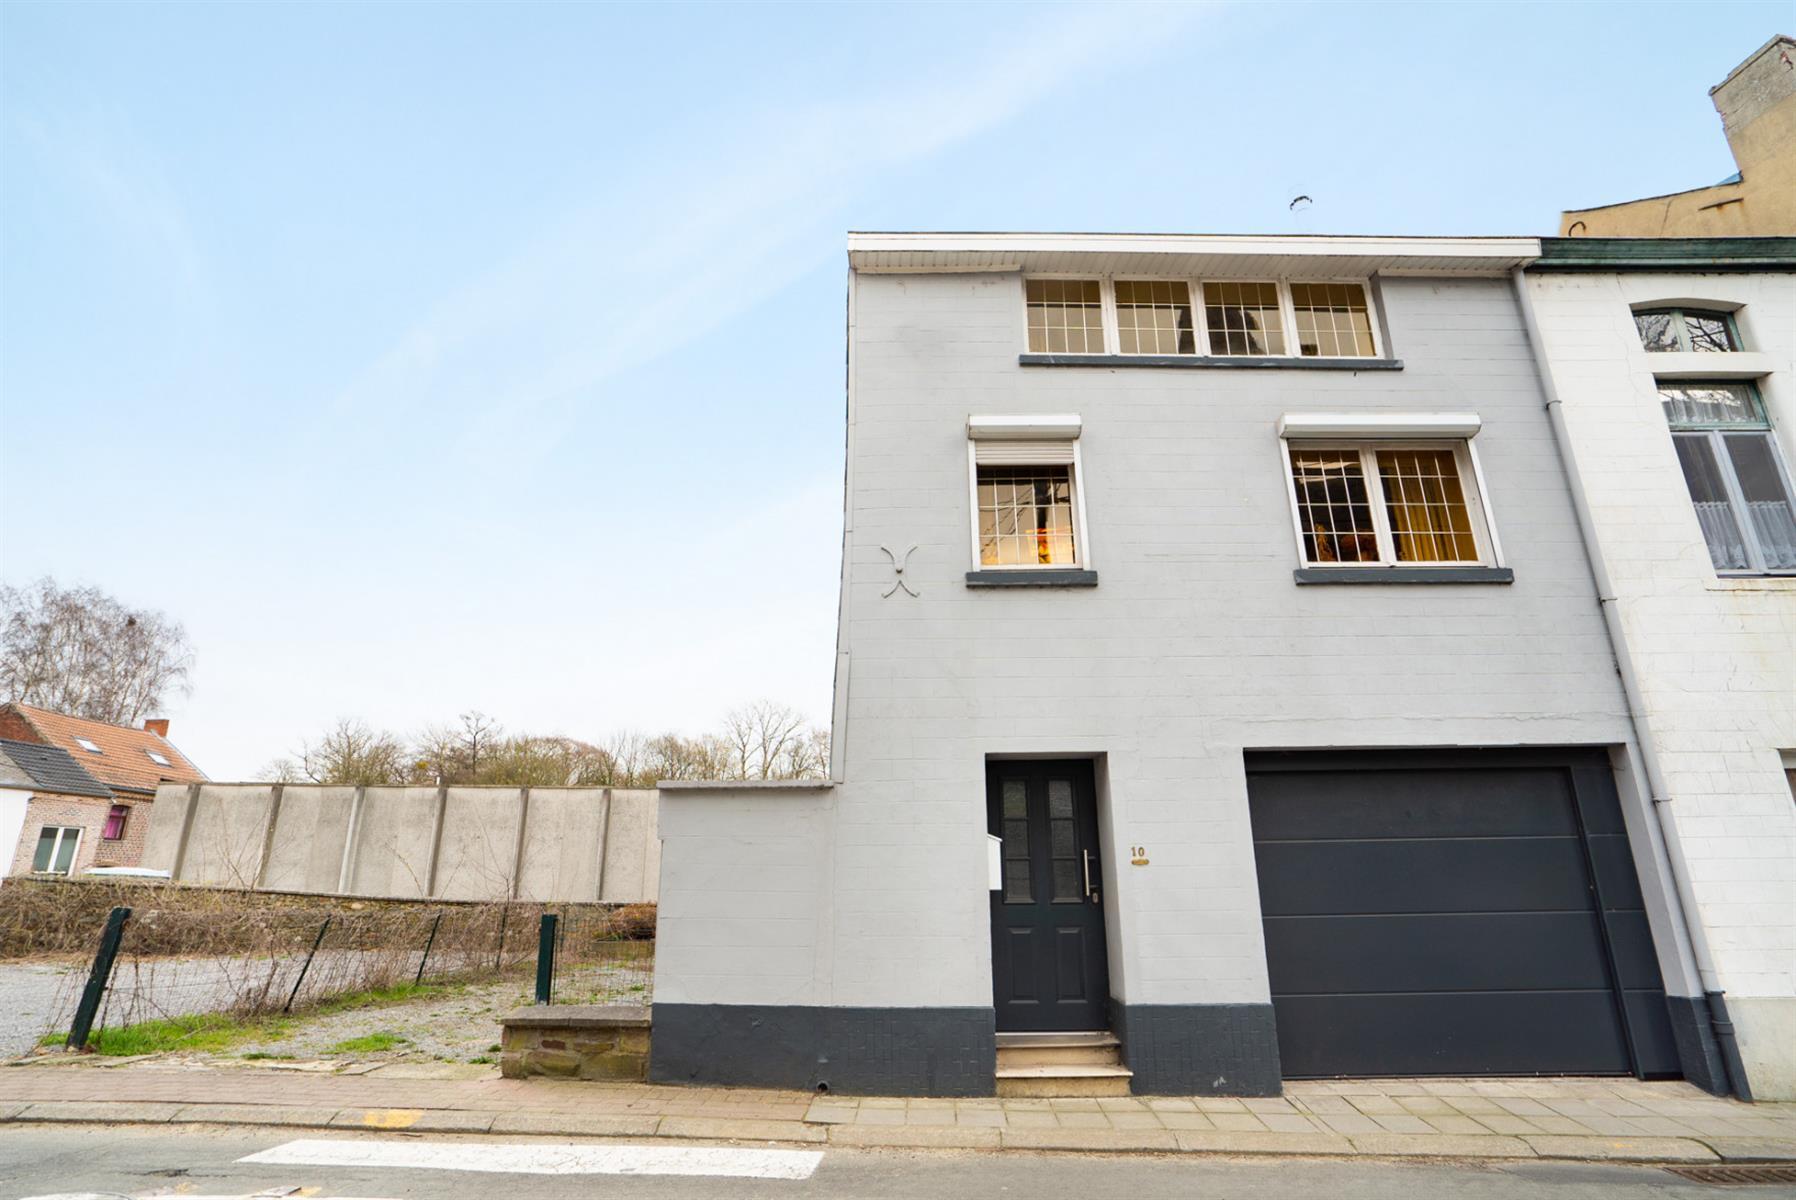 Maison - Mont-Saint-Guibert - #3849432-16